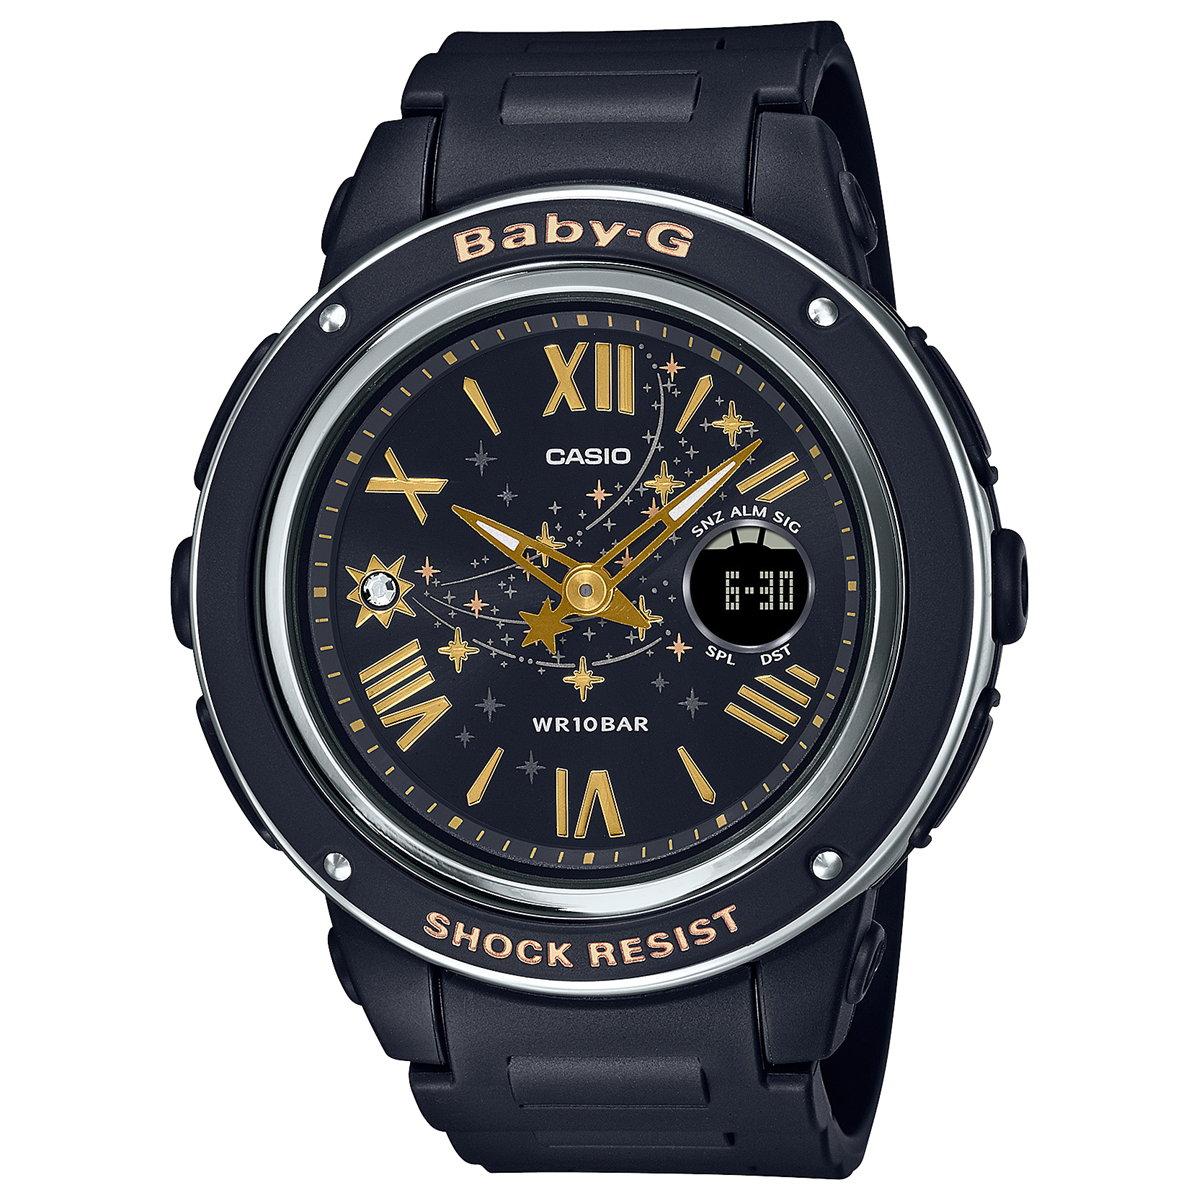 BABY-G カシオ ベビーG レディース 腕時計 Star Dial BGA-150ST-1AJF